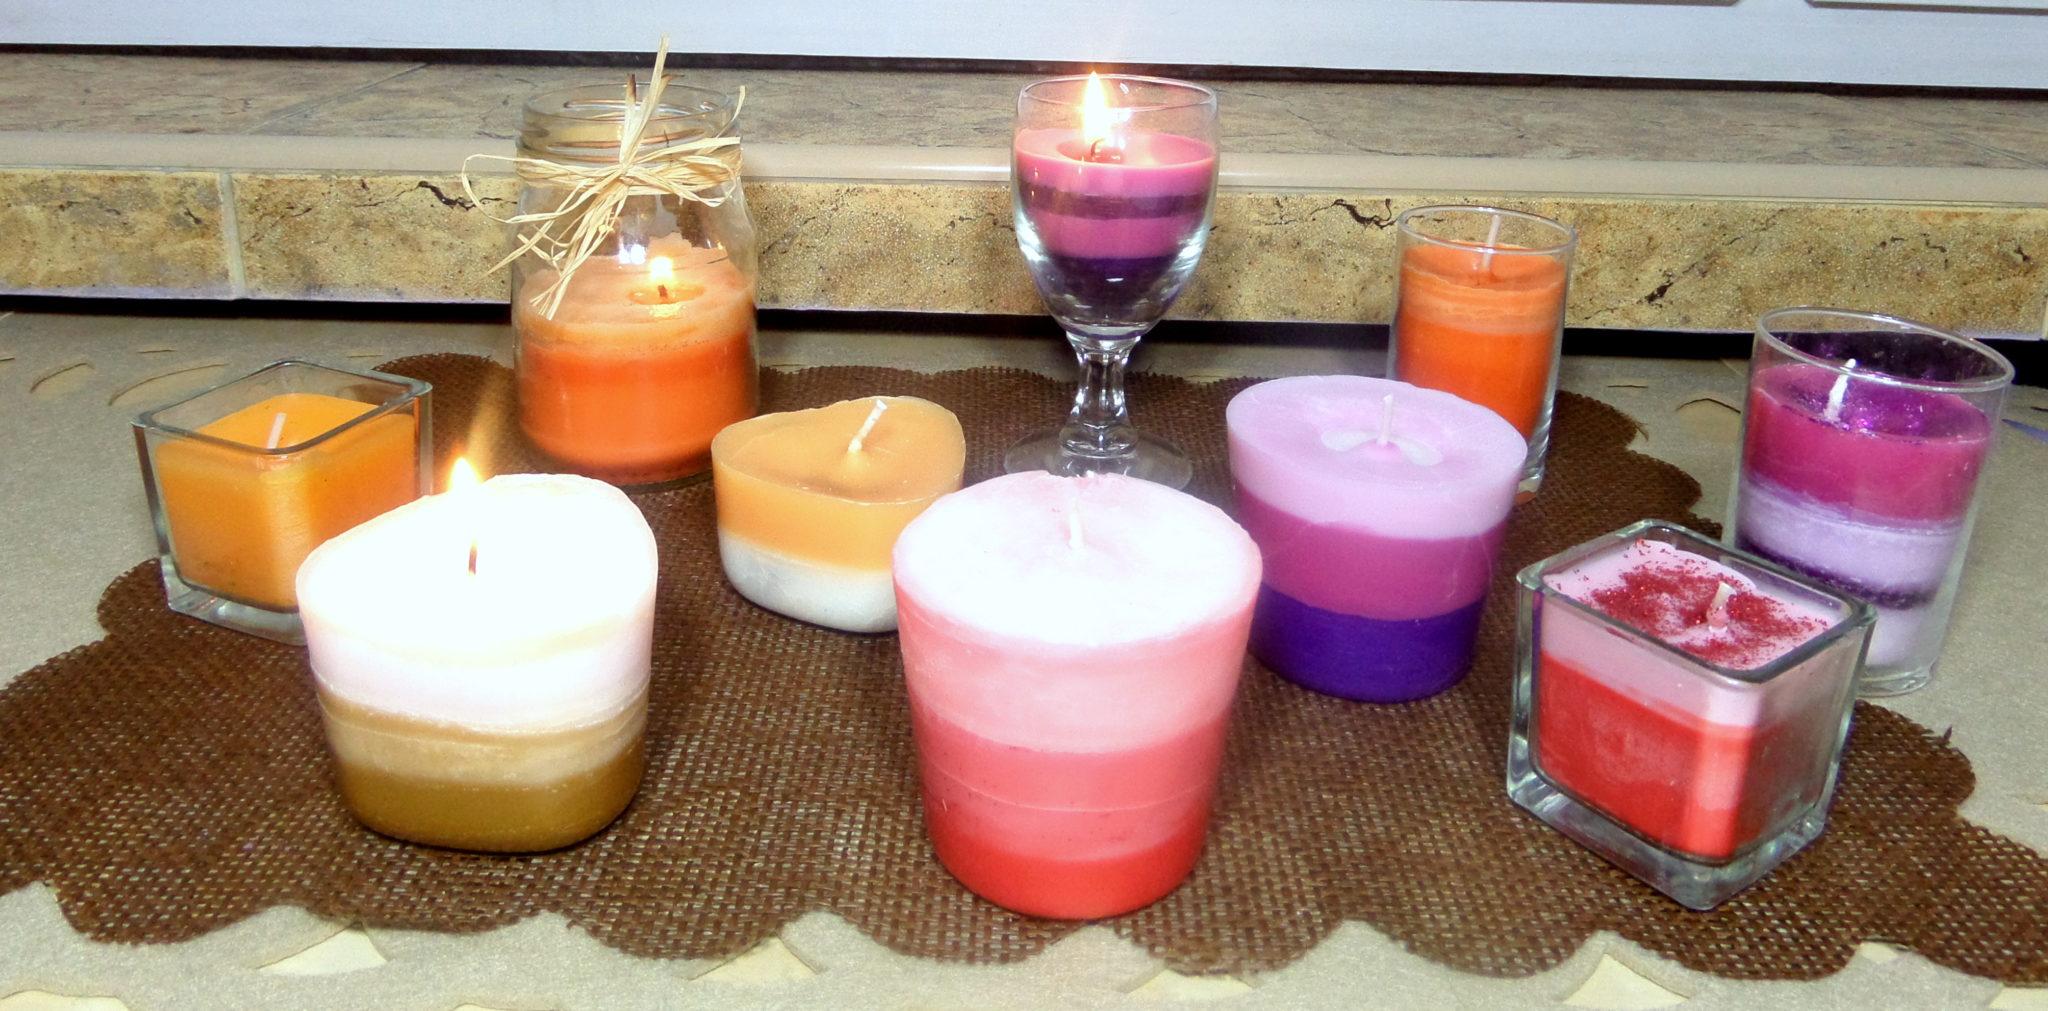 Jak zrobić świeczkę w domu?